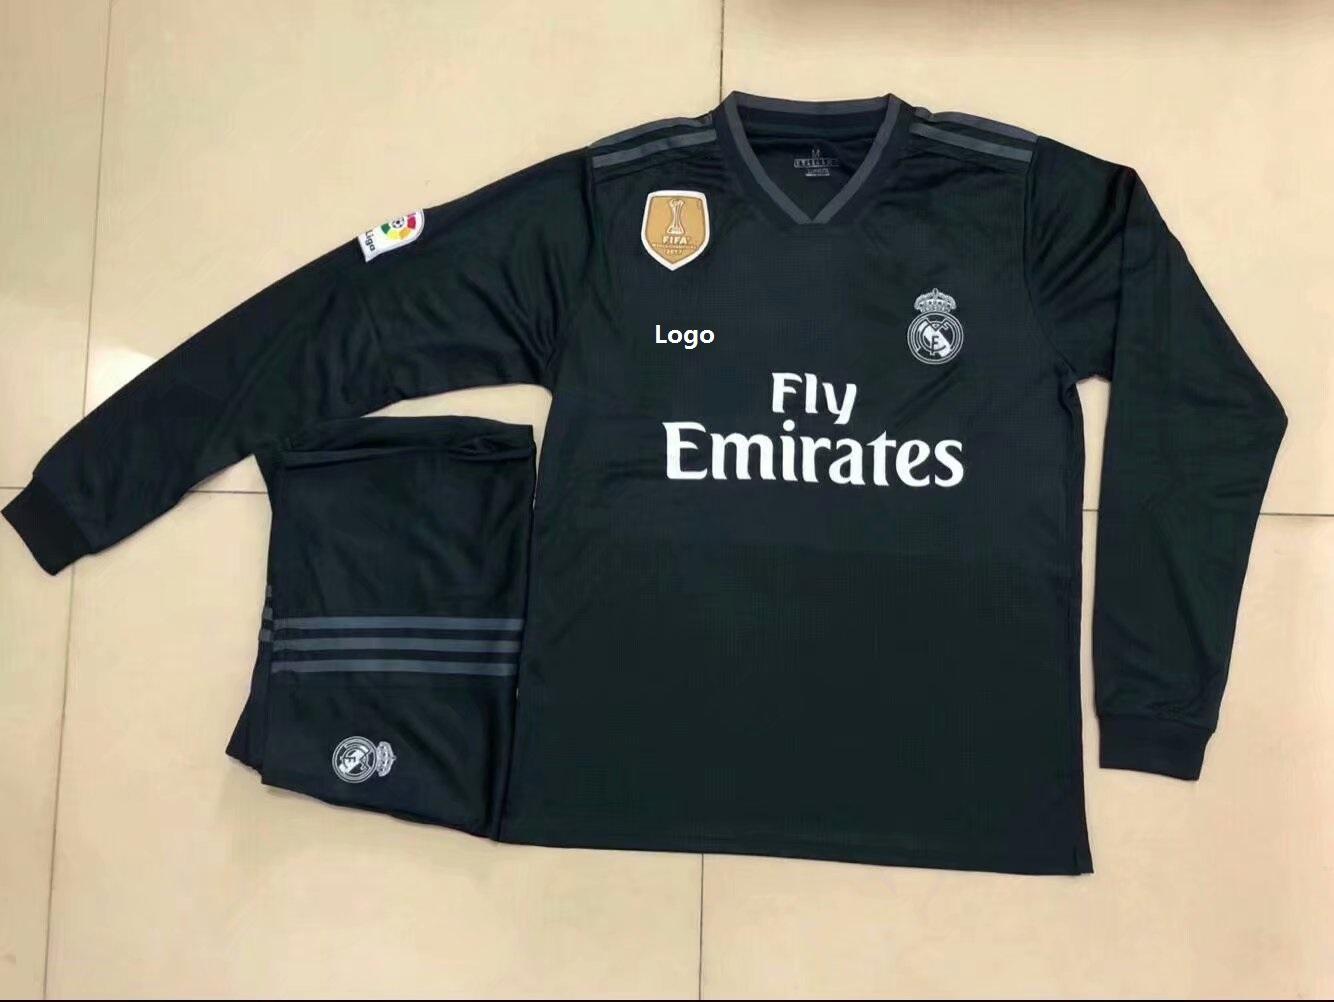 6184529c5 18/19 Adult Real Madrid Black Long Sleeve Soccer Jerseys Winter Sport  Training Football Uniforms